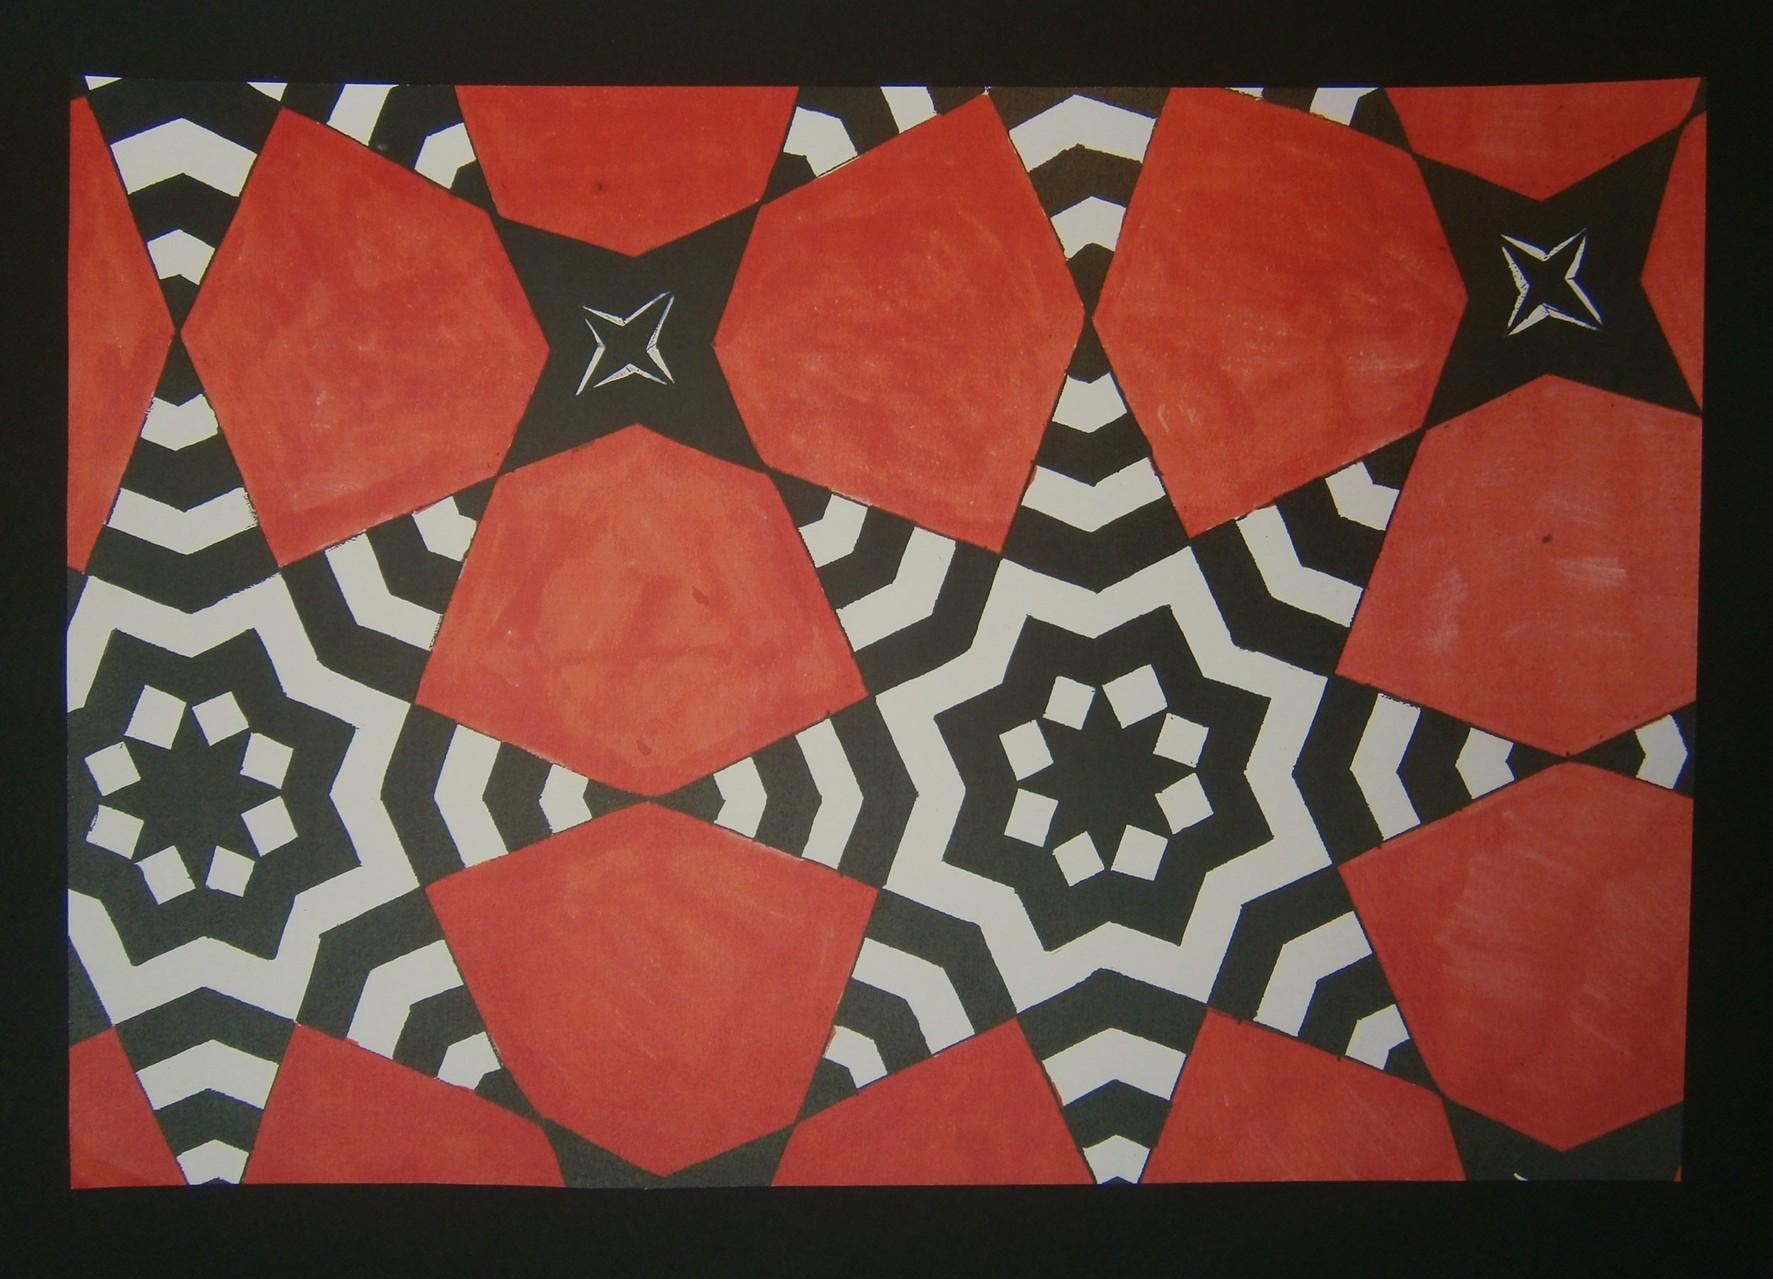 Mozaïek waarvan de achtpuntige sterren zijn versierd met een stervormig zebrapatroon